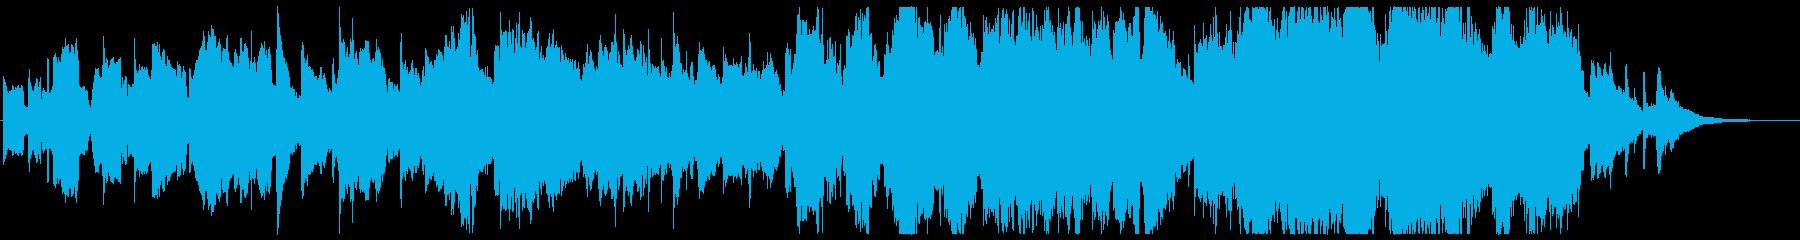 ノスタルジックで感動的な木管トランペットの再生済みの波形